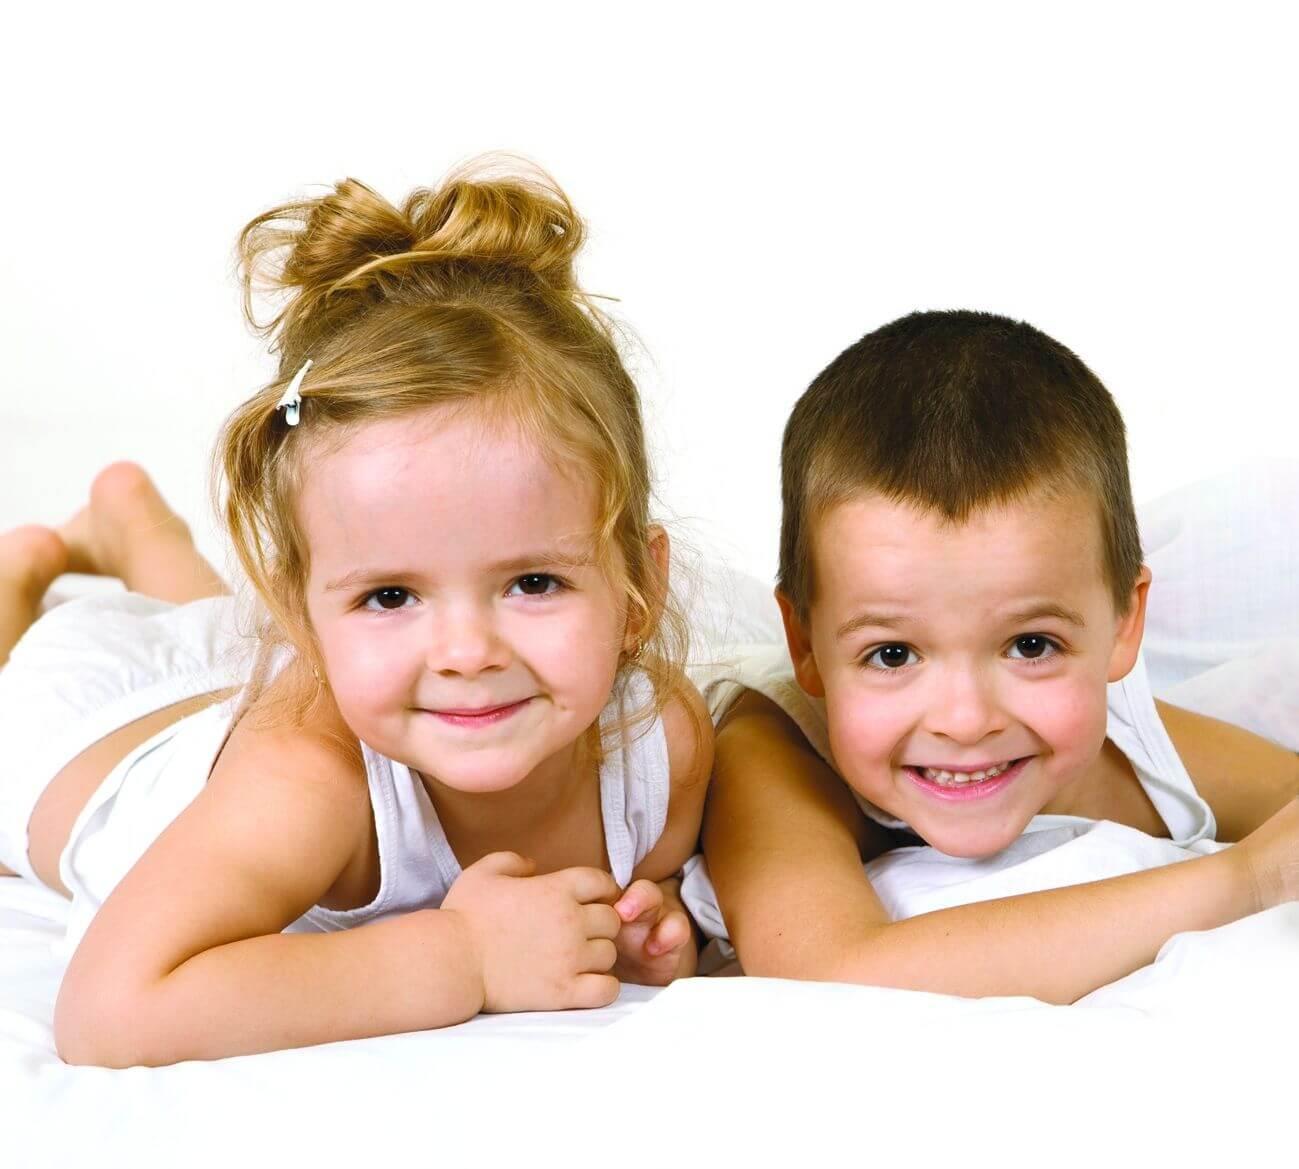 Прозрачные сопли у ребенка: причины появления, методы лечения и профилактика